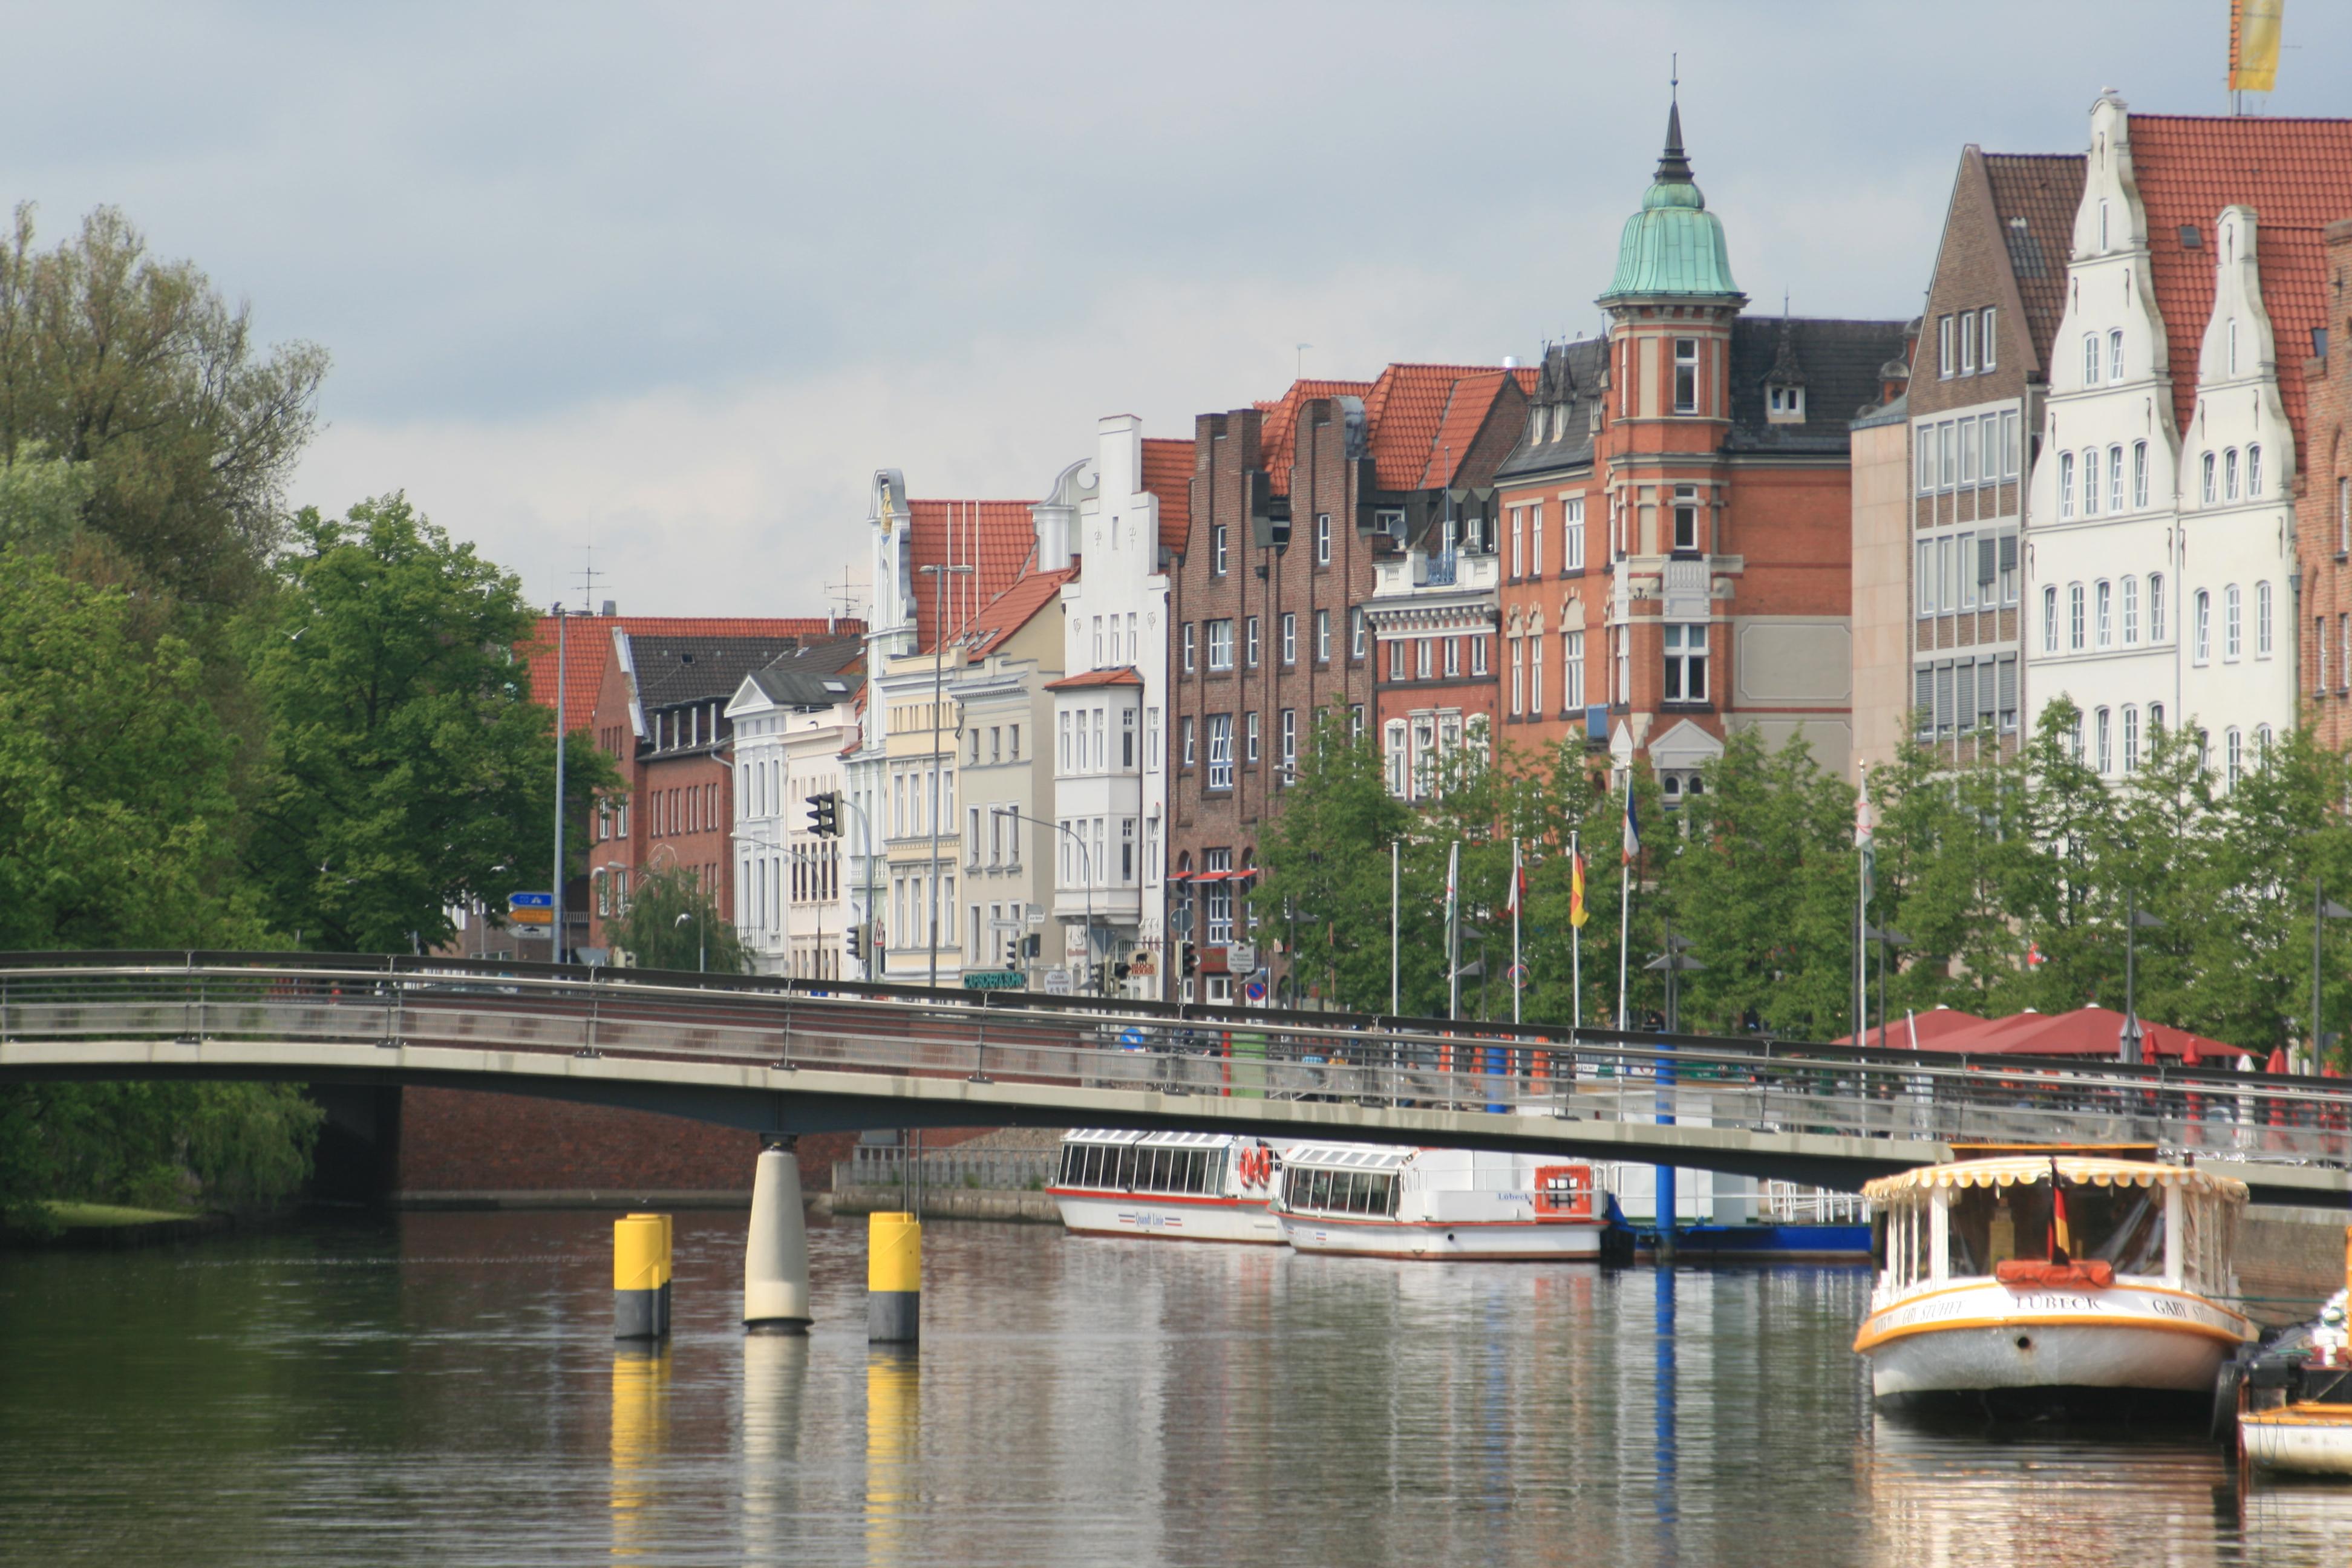 Hoteltipps für die Lübeck Reise